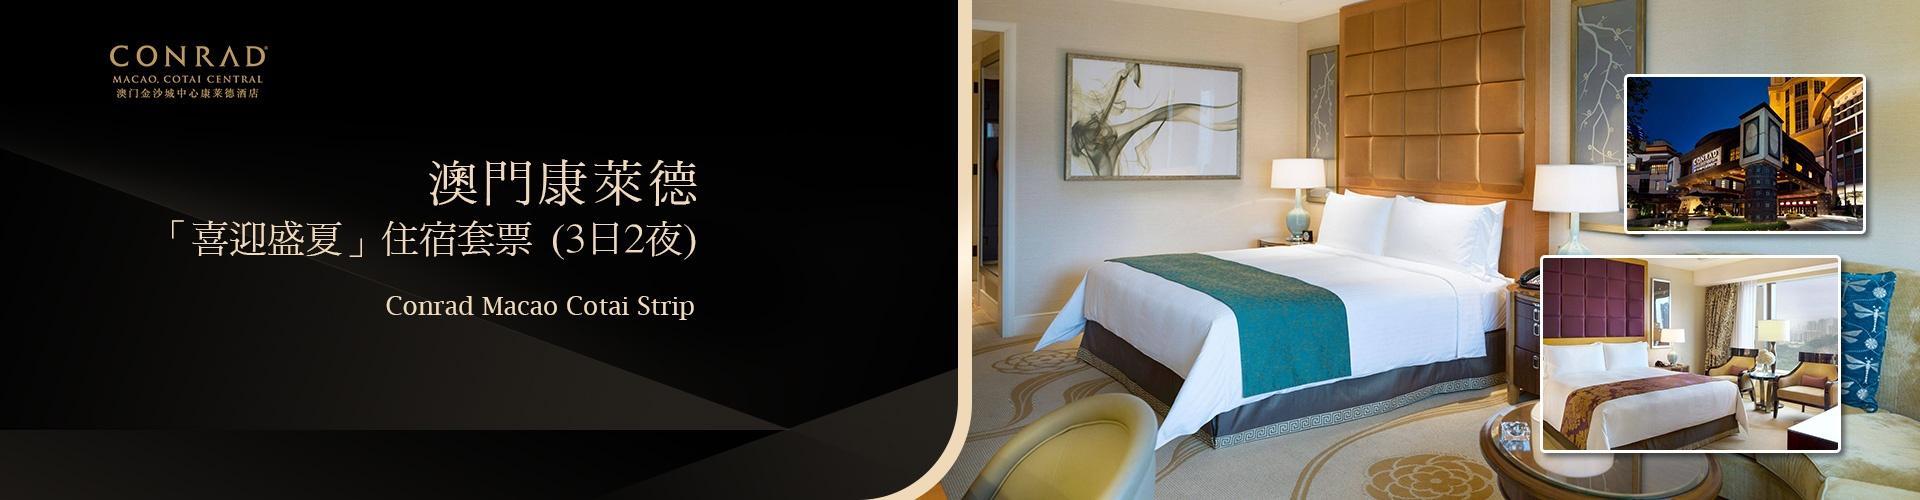 澳門金沙城中心康萊德酒店